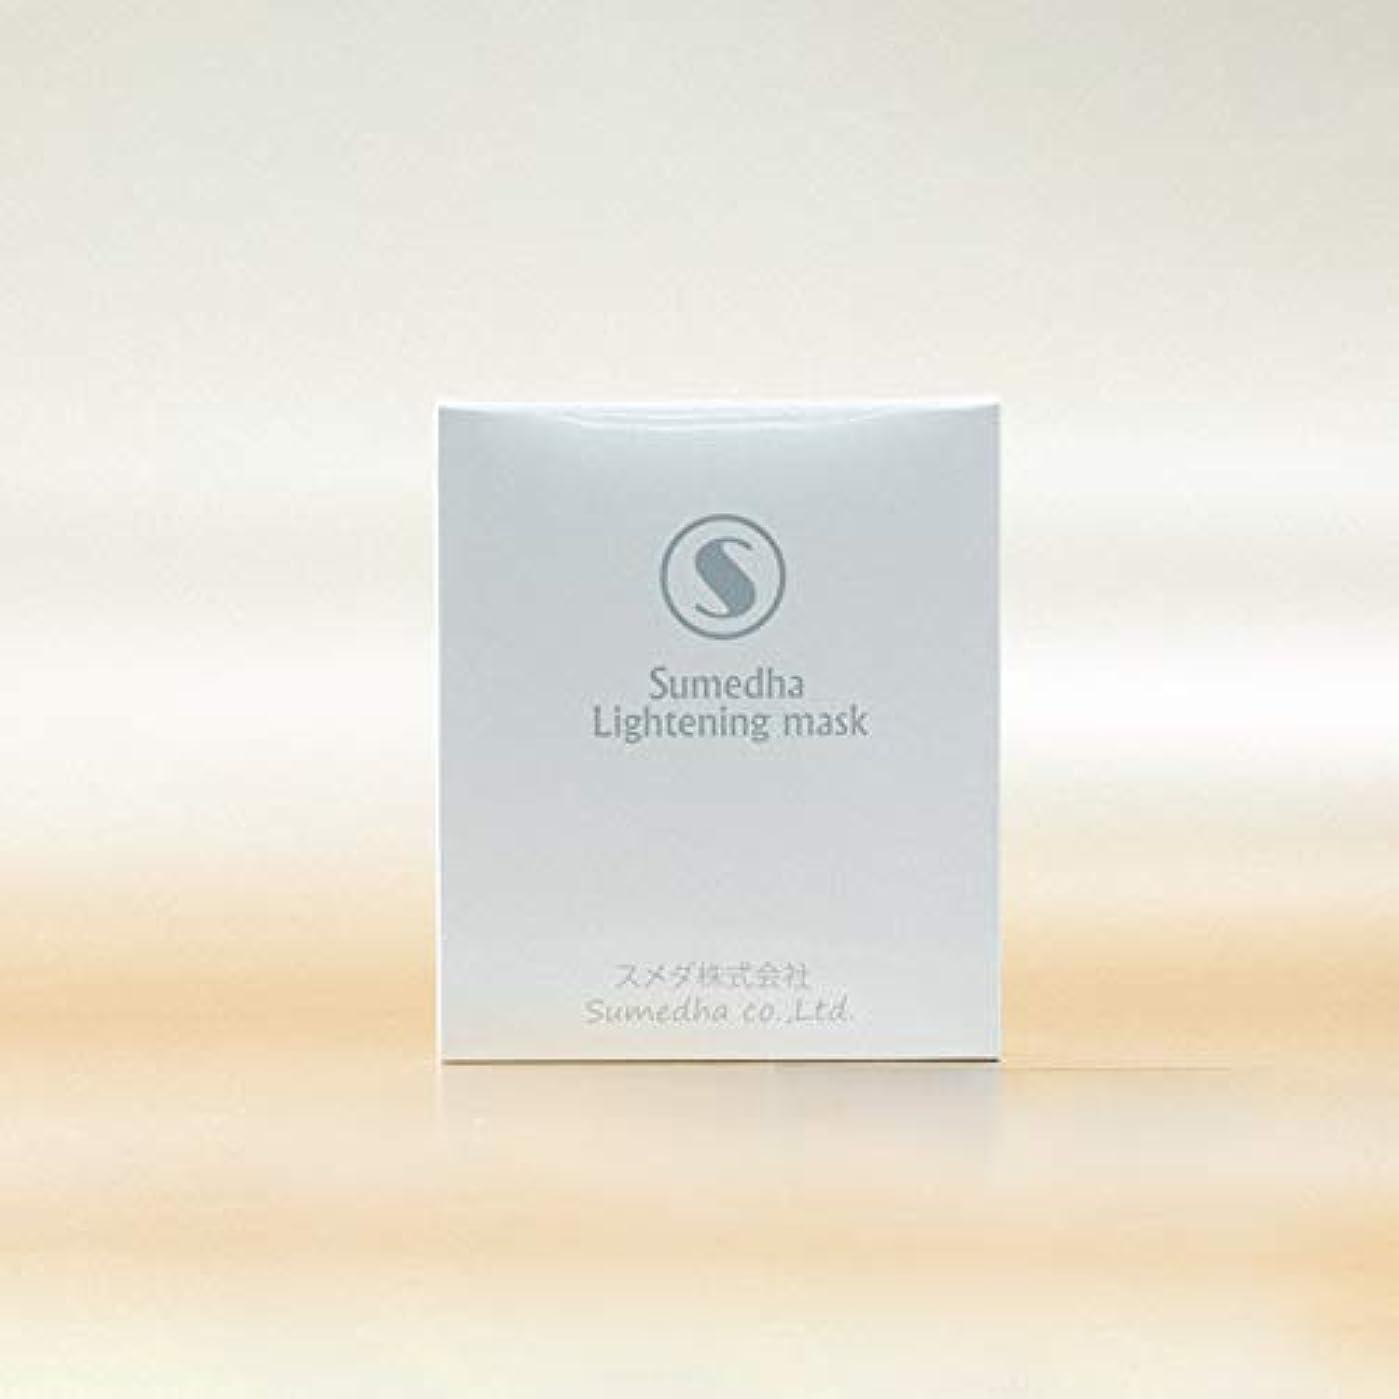 ストレージ機械的にトロイの木馬フェイスマスク Sumedha パック 保湿マスク 日本製 マスク フェイスパック 3枚入り 美白 美容 アンチセンシティブ 角質層修復 抗酸化 保湿 補水 敏感肌 発赤 アレルギー緩和 コーセー (美白)